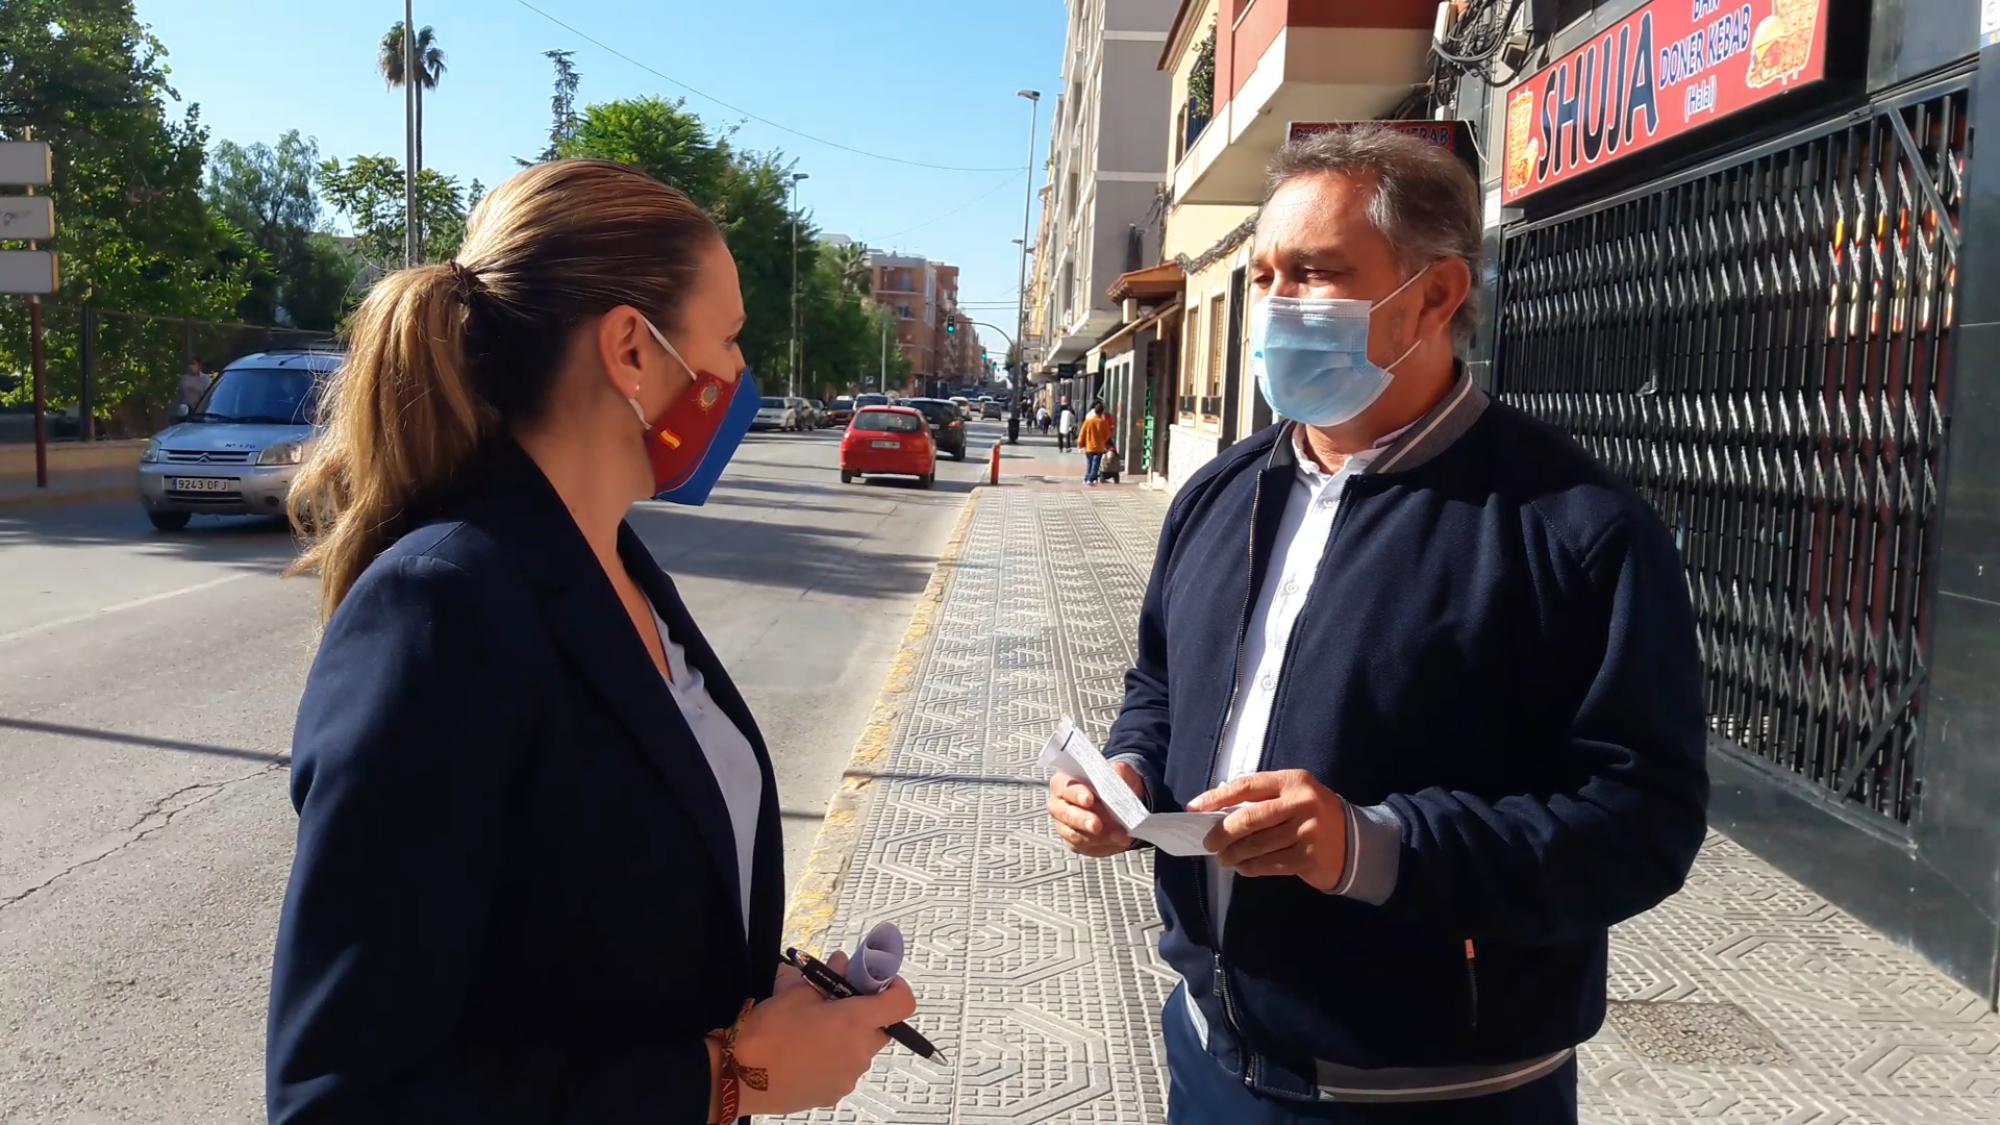 La renovación integral de Jerónimo Santa Fe, una inversión de 2,5 millones €, se queda sin tiempo para ejecutar las obras por 'la pasividad' del actual Alcalde